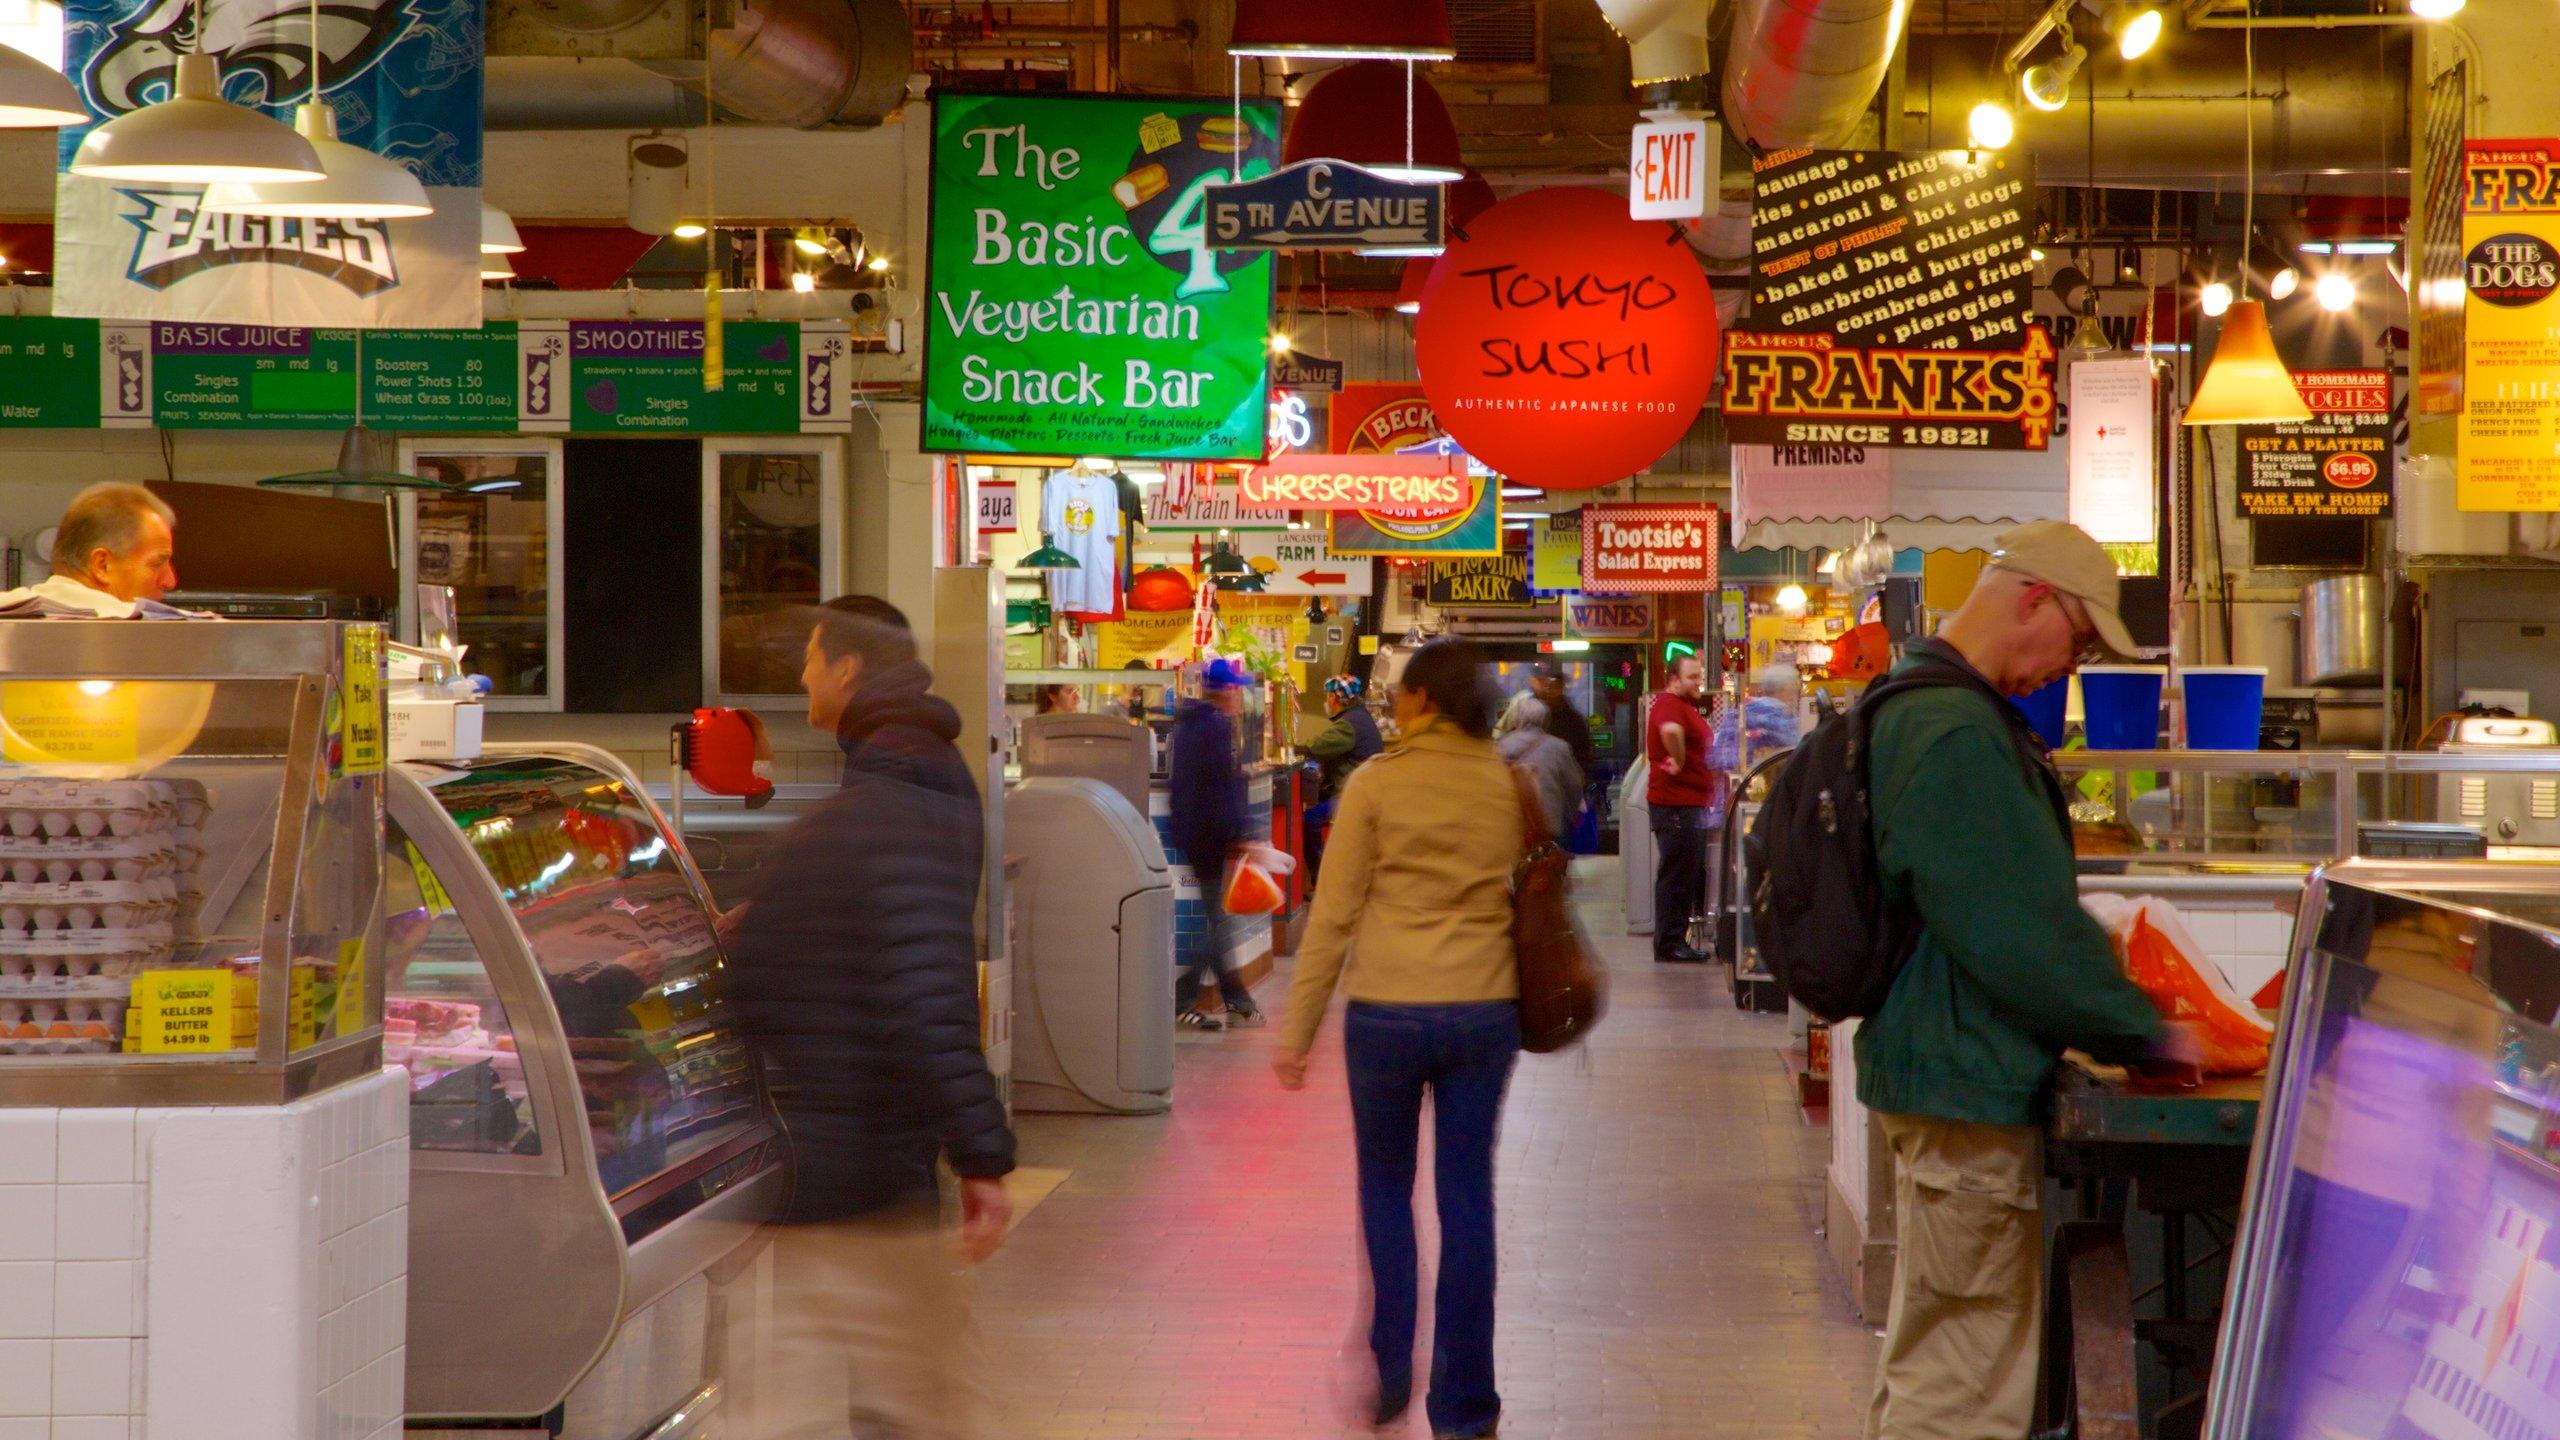 Neste mercado fechado, você poderá experimentar deliciosos Philly cheesesteaks, shoofly pies, além de pretzels macios e outras delícias locais. No local, você também poderá encontrar produtos orgânicos e peças de artesanato.